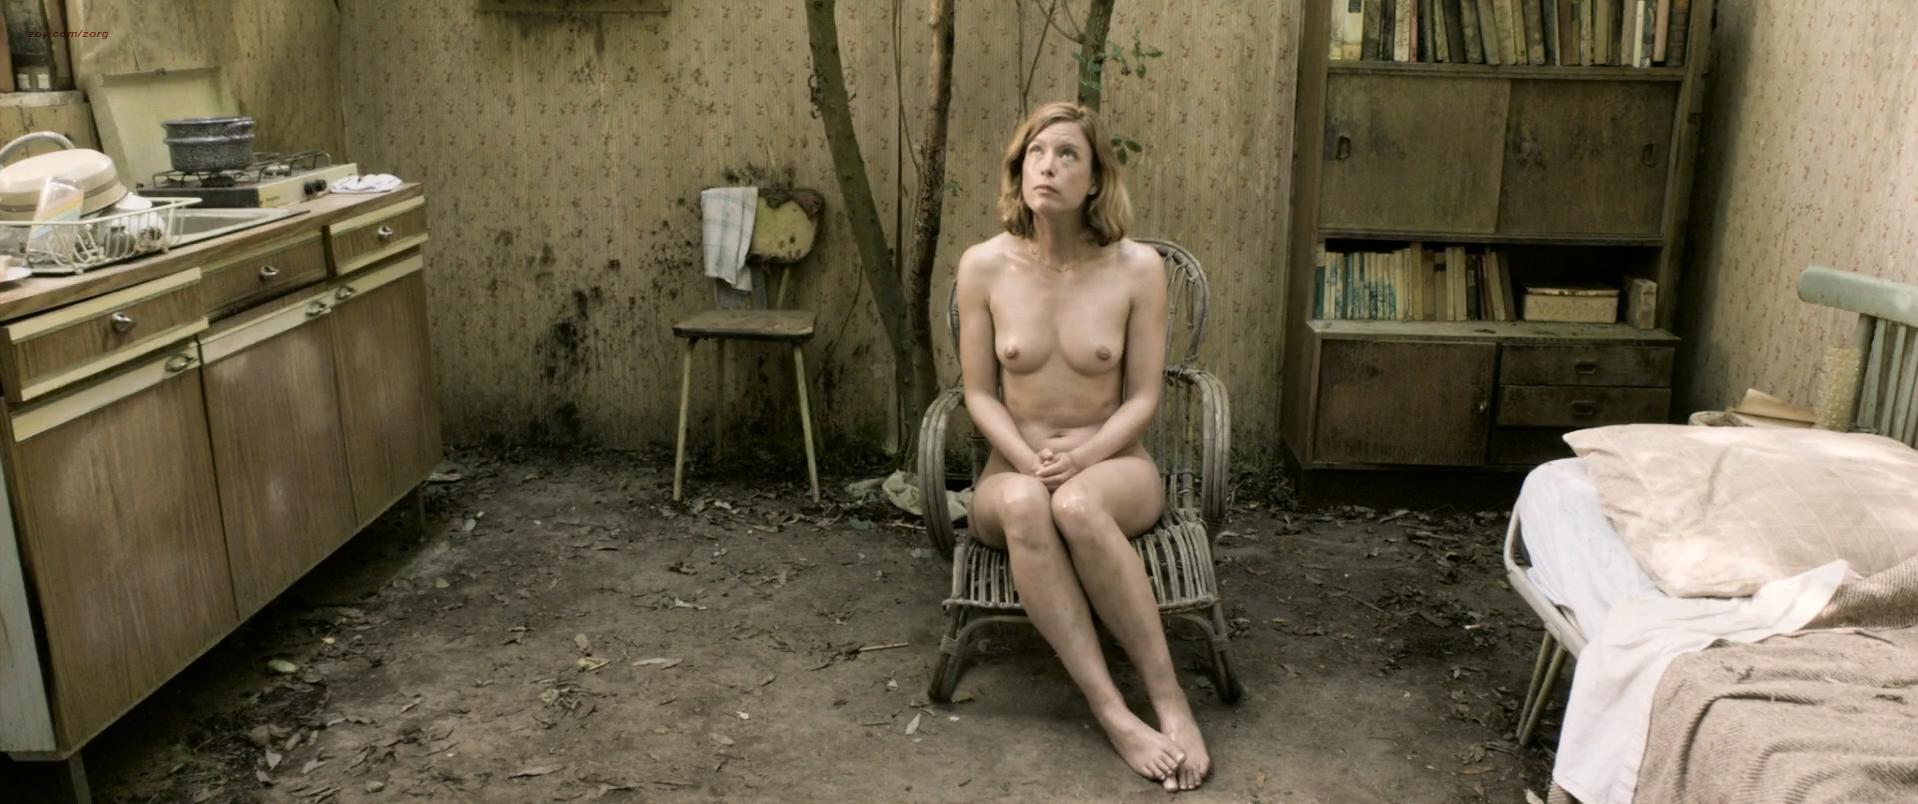 Maria Kraakman nude, Eva Van de Wijdeven nude - Schneider Vs Bax (2015)